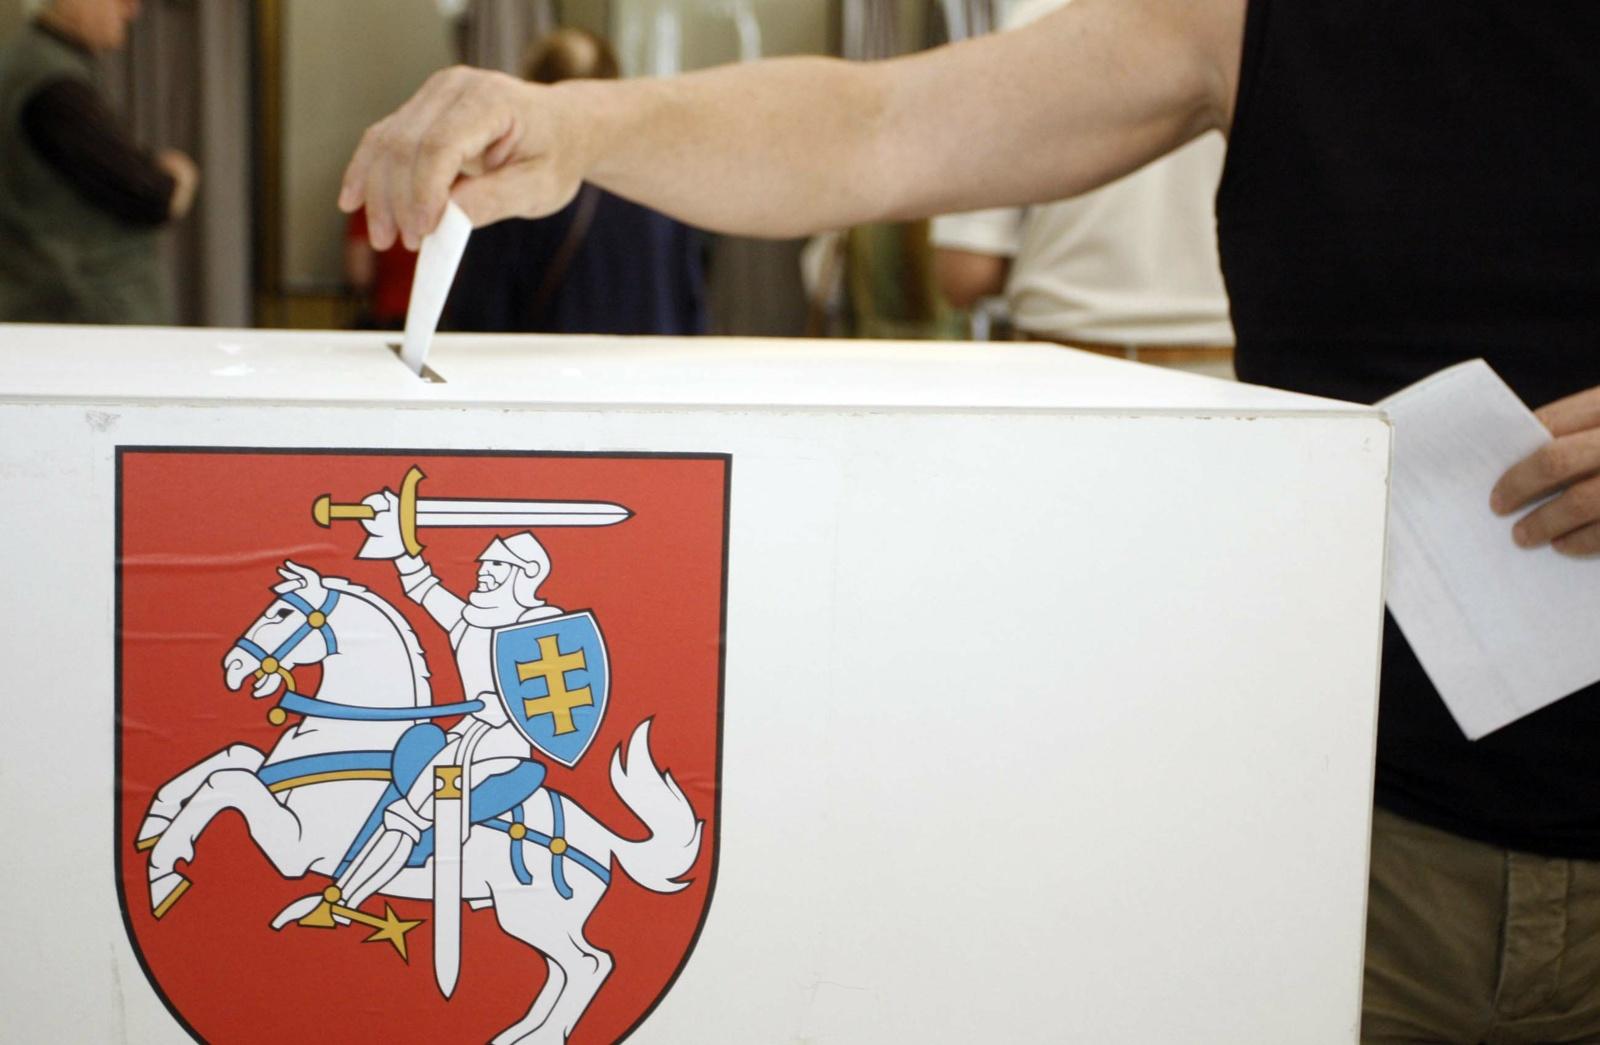 Politologė apie neįvykusius referendumus: nemokšiškumas yra baudžiamas